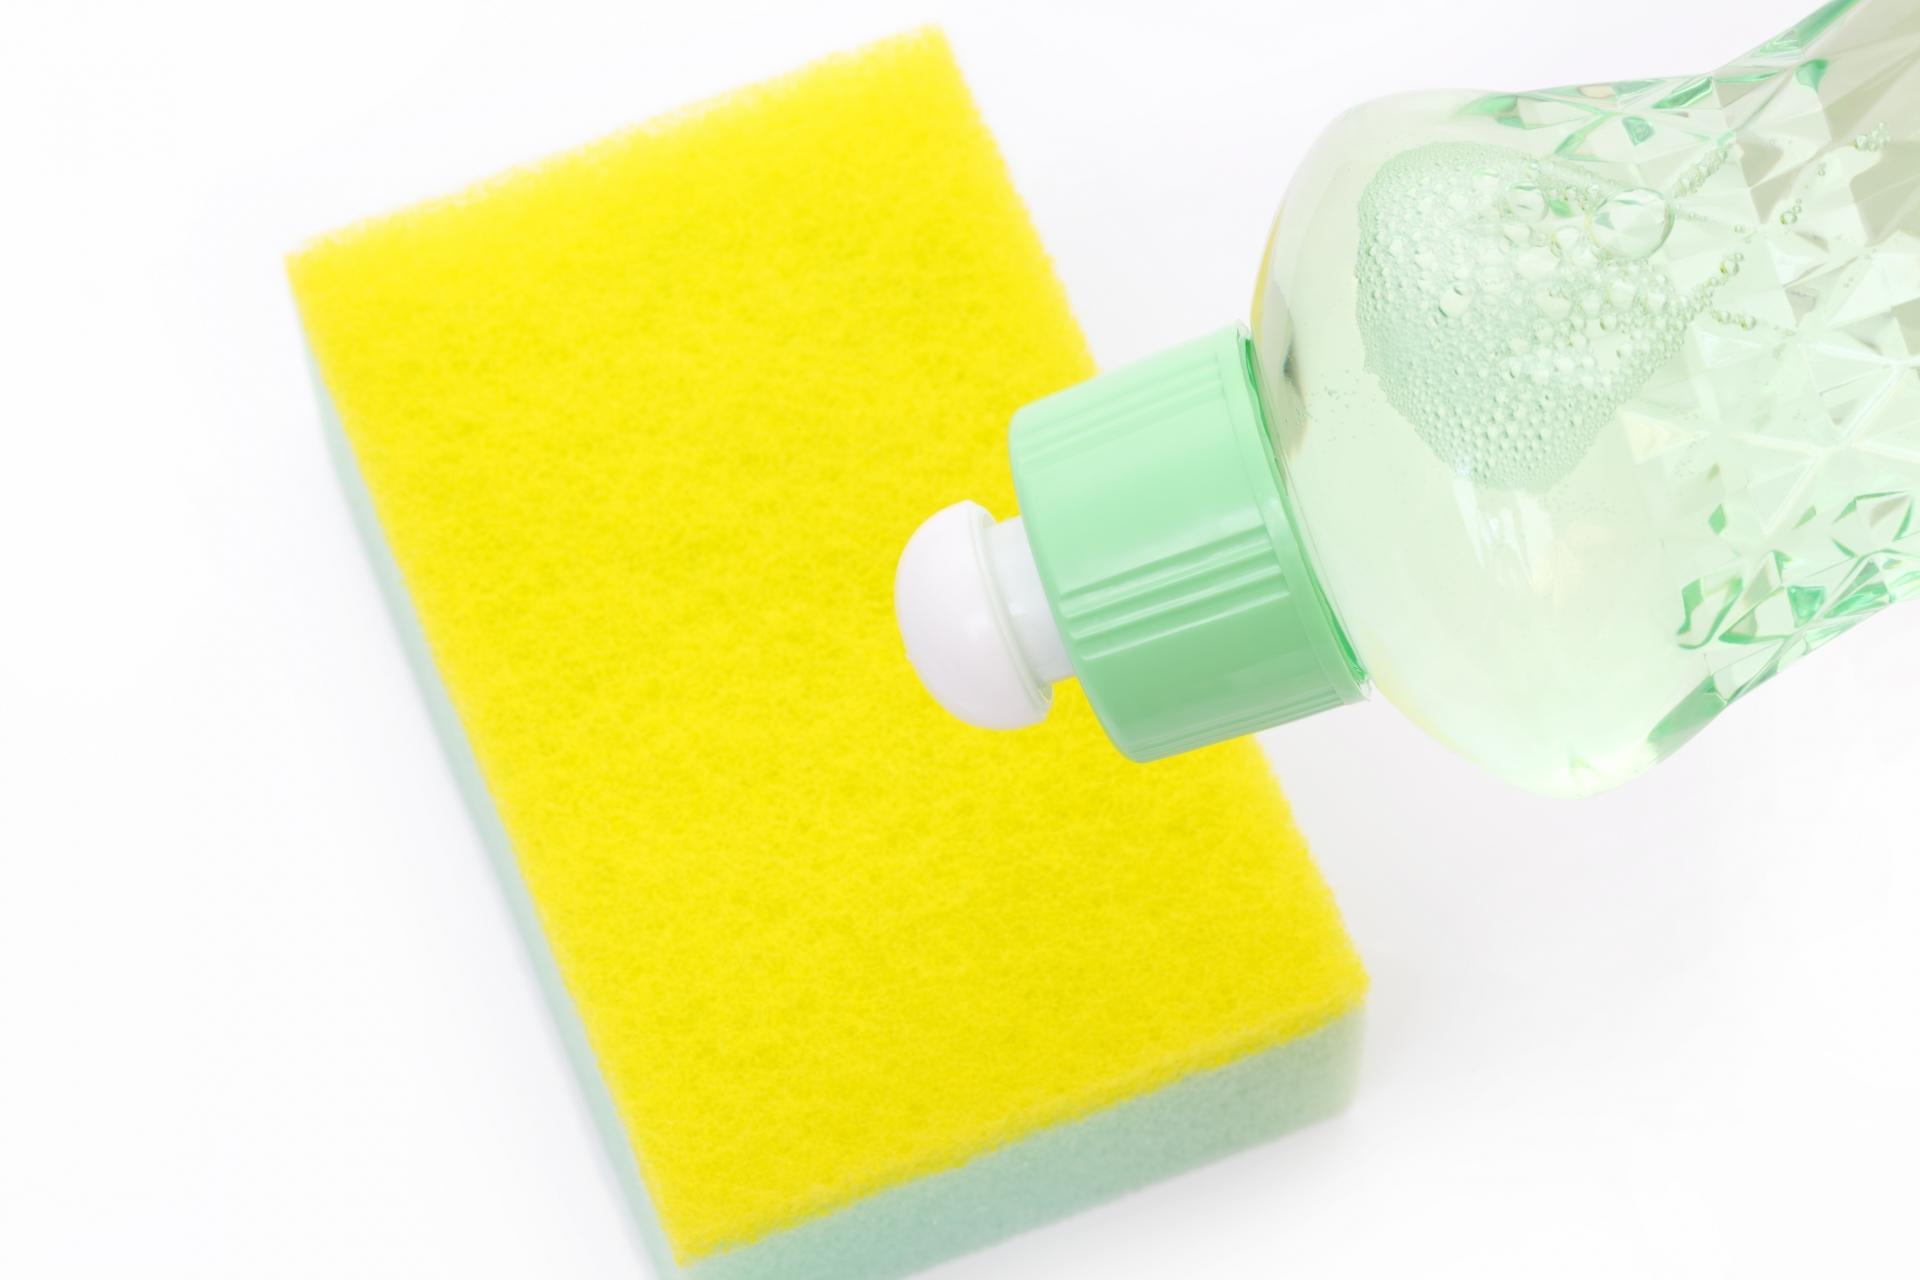 子どもが台所用洗剤を飲んでしまった!さぁ、どうする?